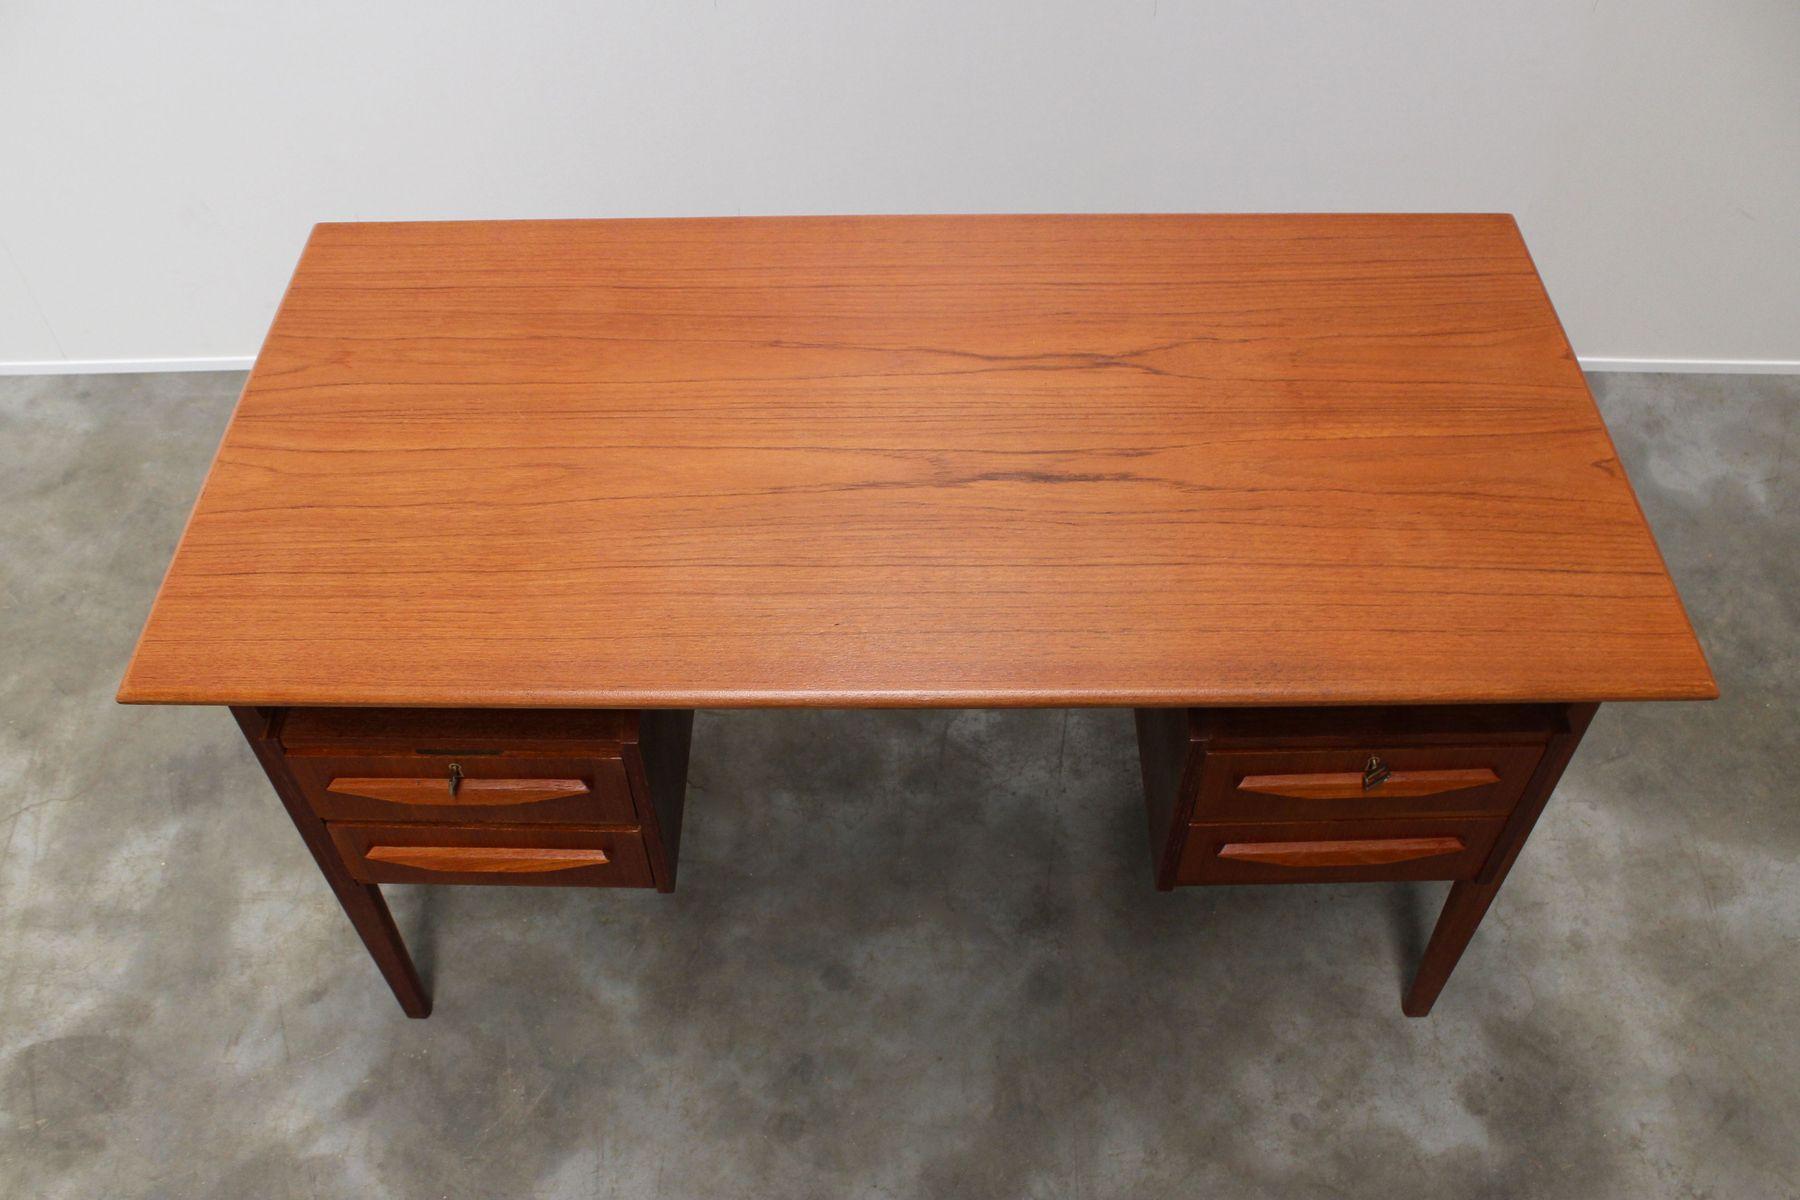 d nischer teak schreibtisch mit schwebender arbeitsplatte von gunnar nielsen tibergaard f r. Black Bedroom Furniture Sets. Home Design Ideas